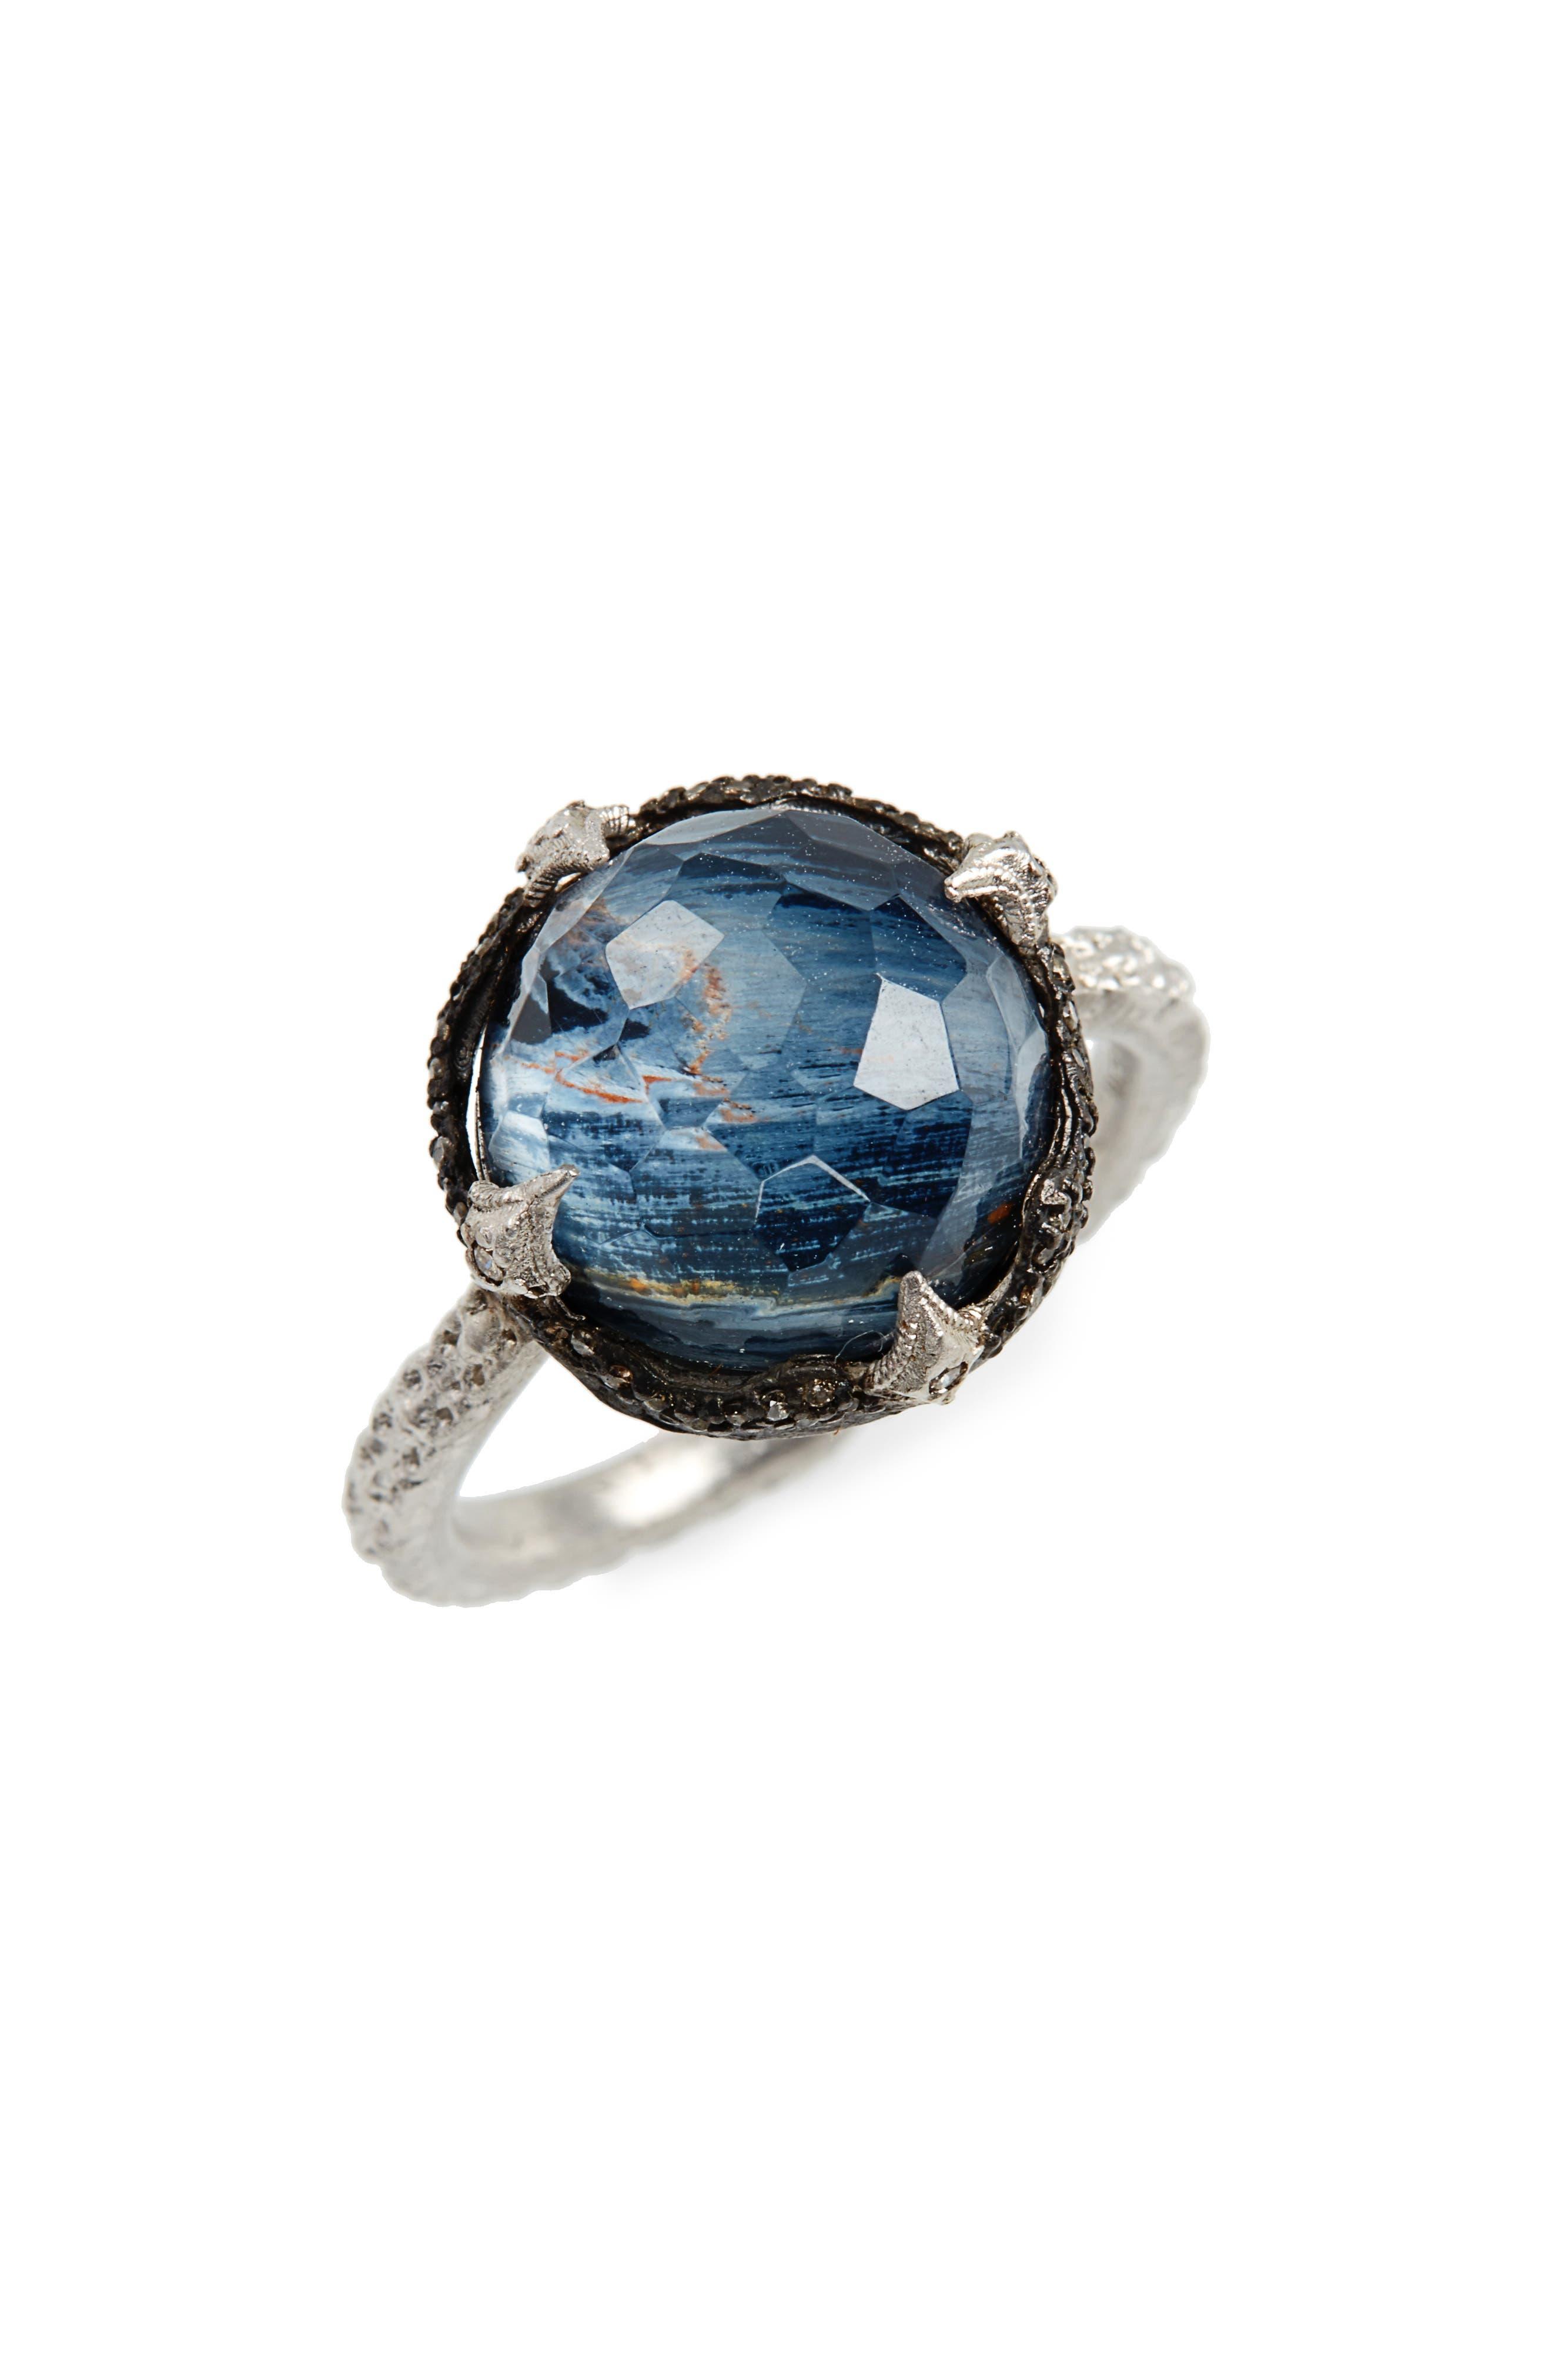 New World Semiprecious Stone & Diamond Scalloped Ring,                         Main,                         color, Silver